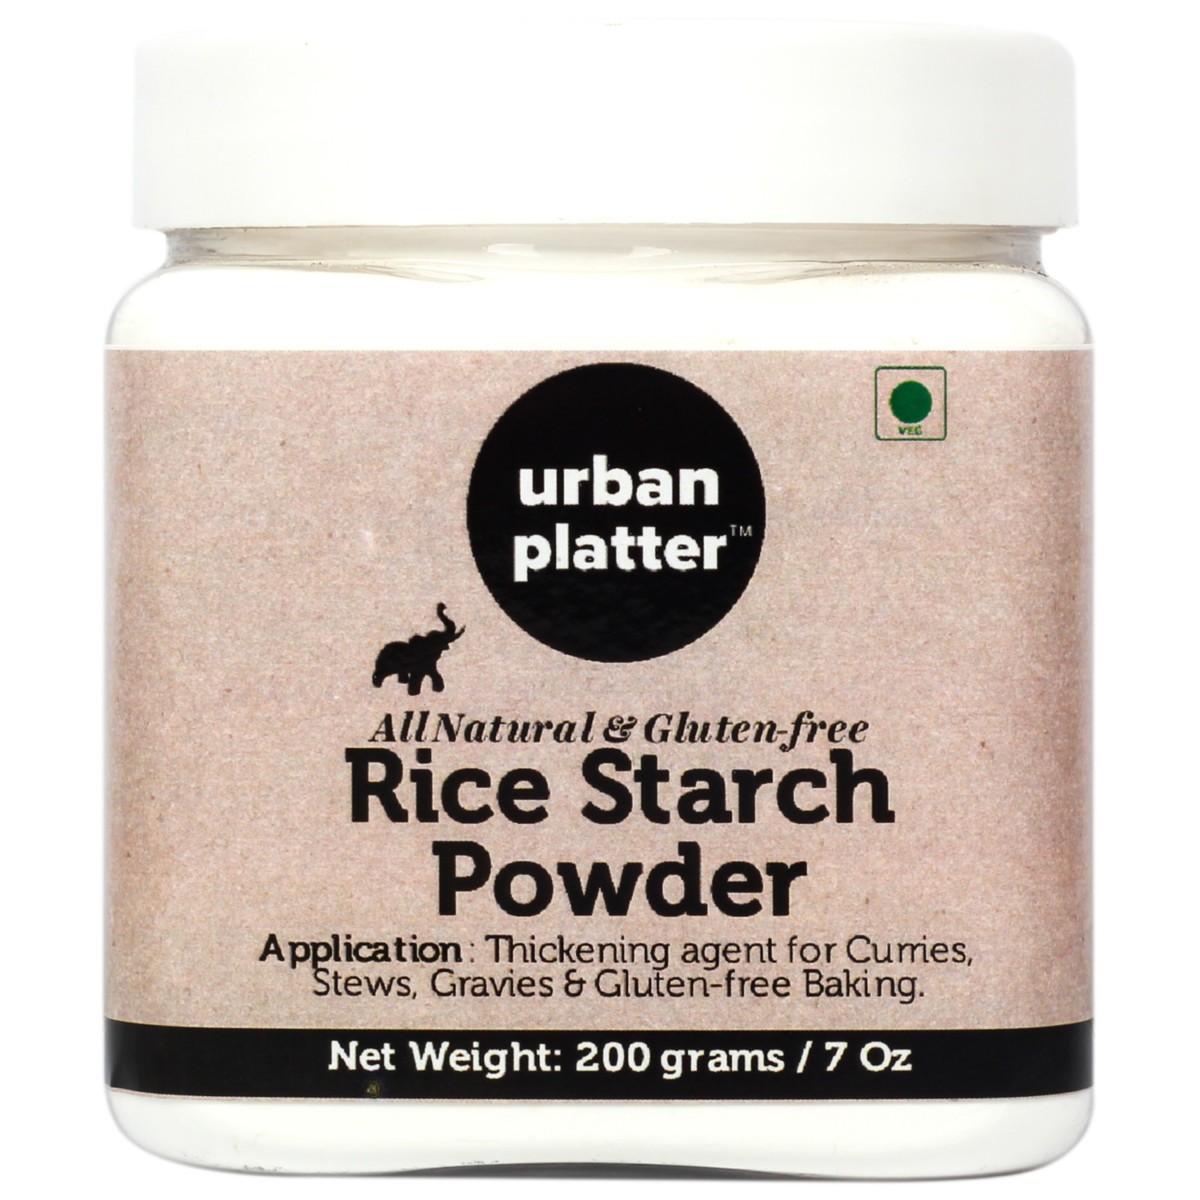 Urban Platter Rice Starch Powder, 200g